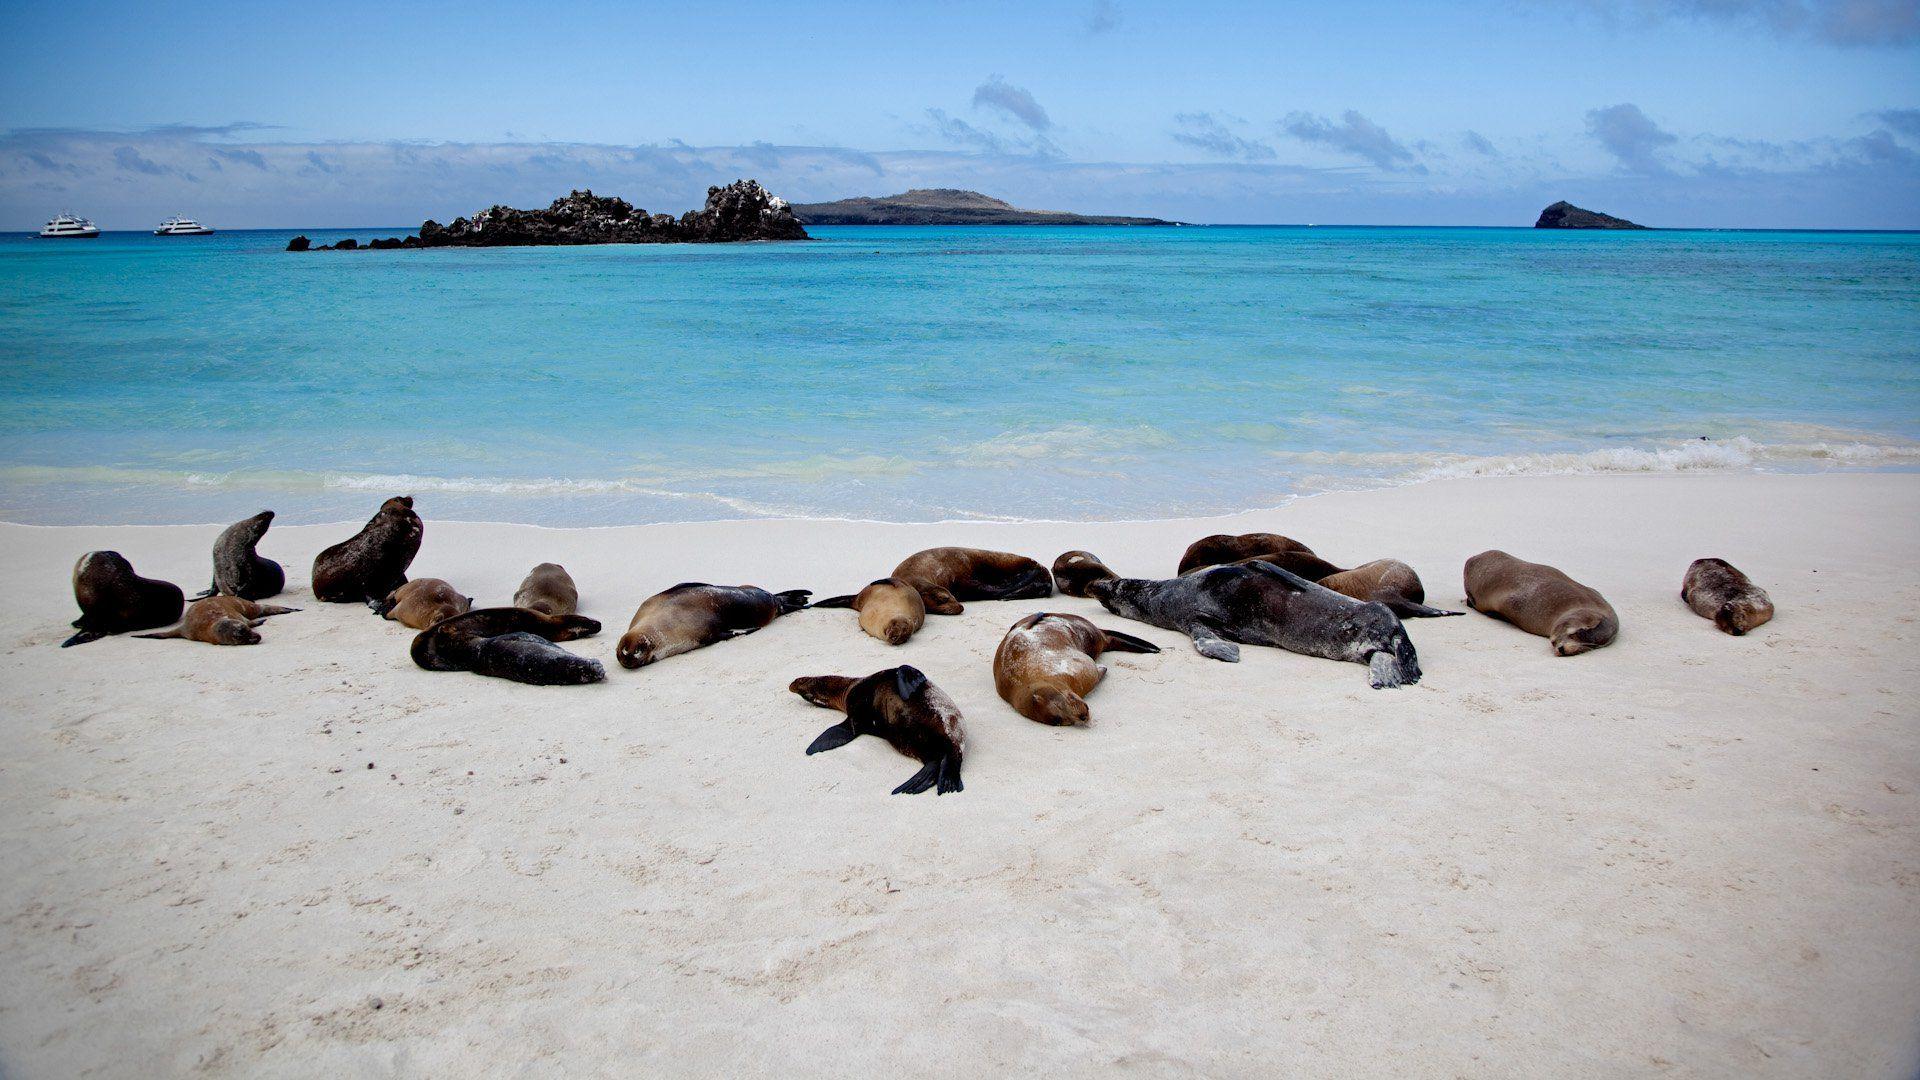 Une faune riche et endémique sur l'archipel des Galápagos